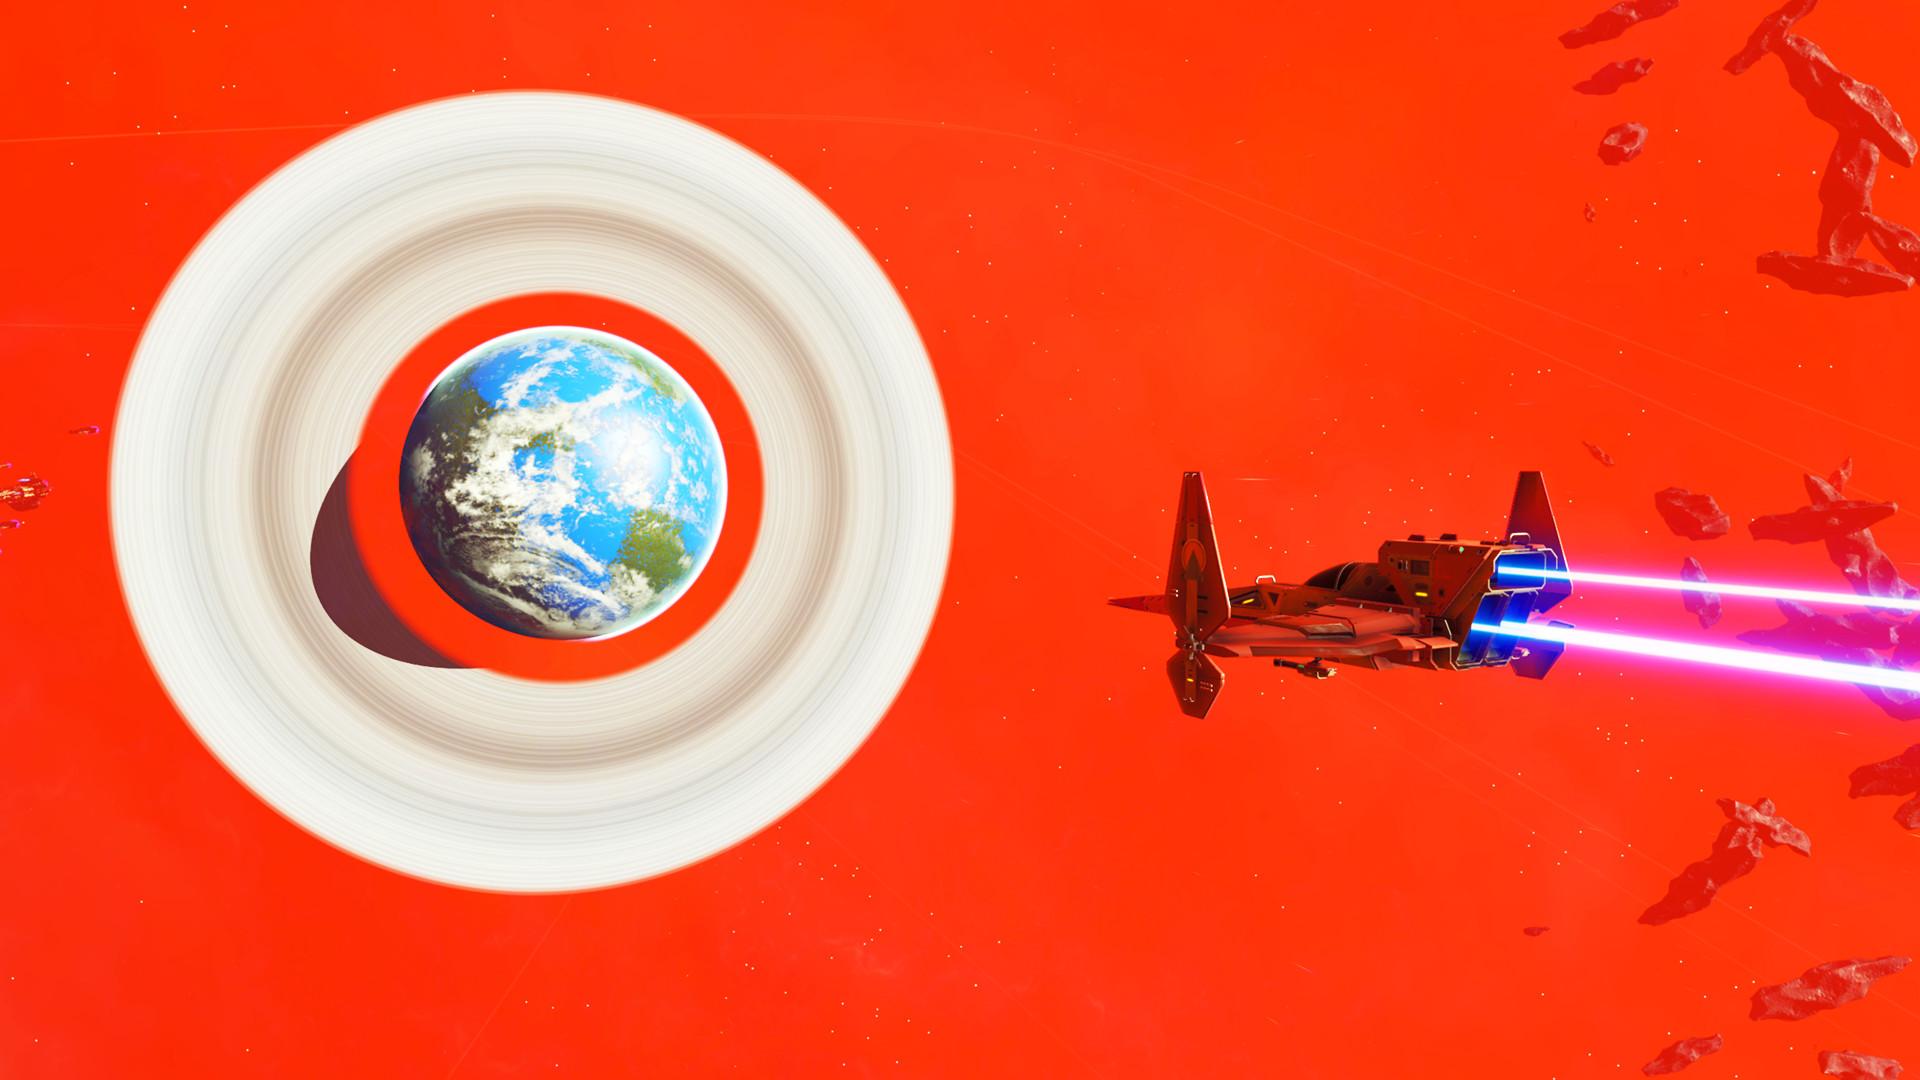 《无人深空》精美照片选 火红星系让人叹为观止